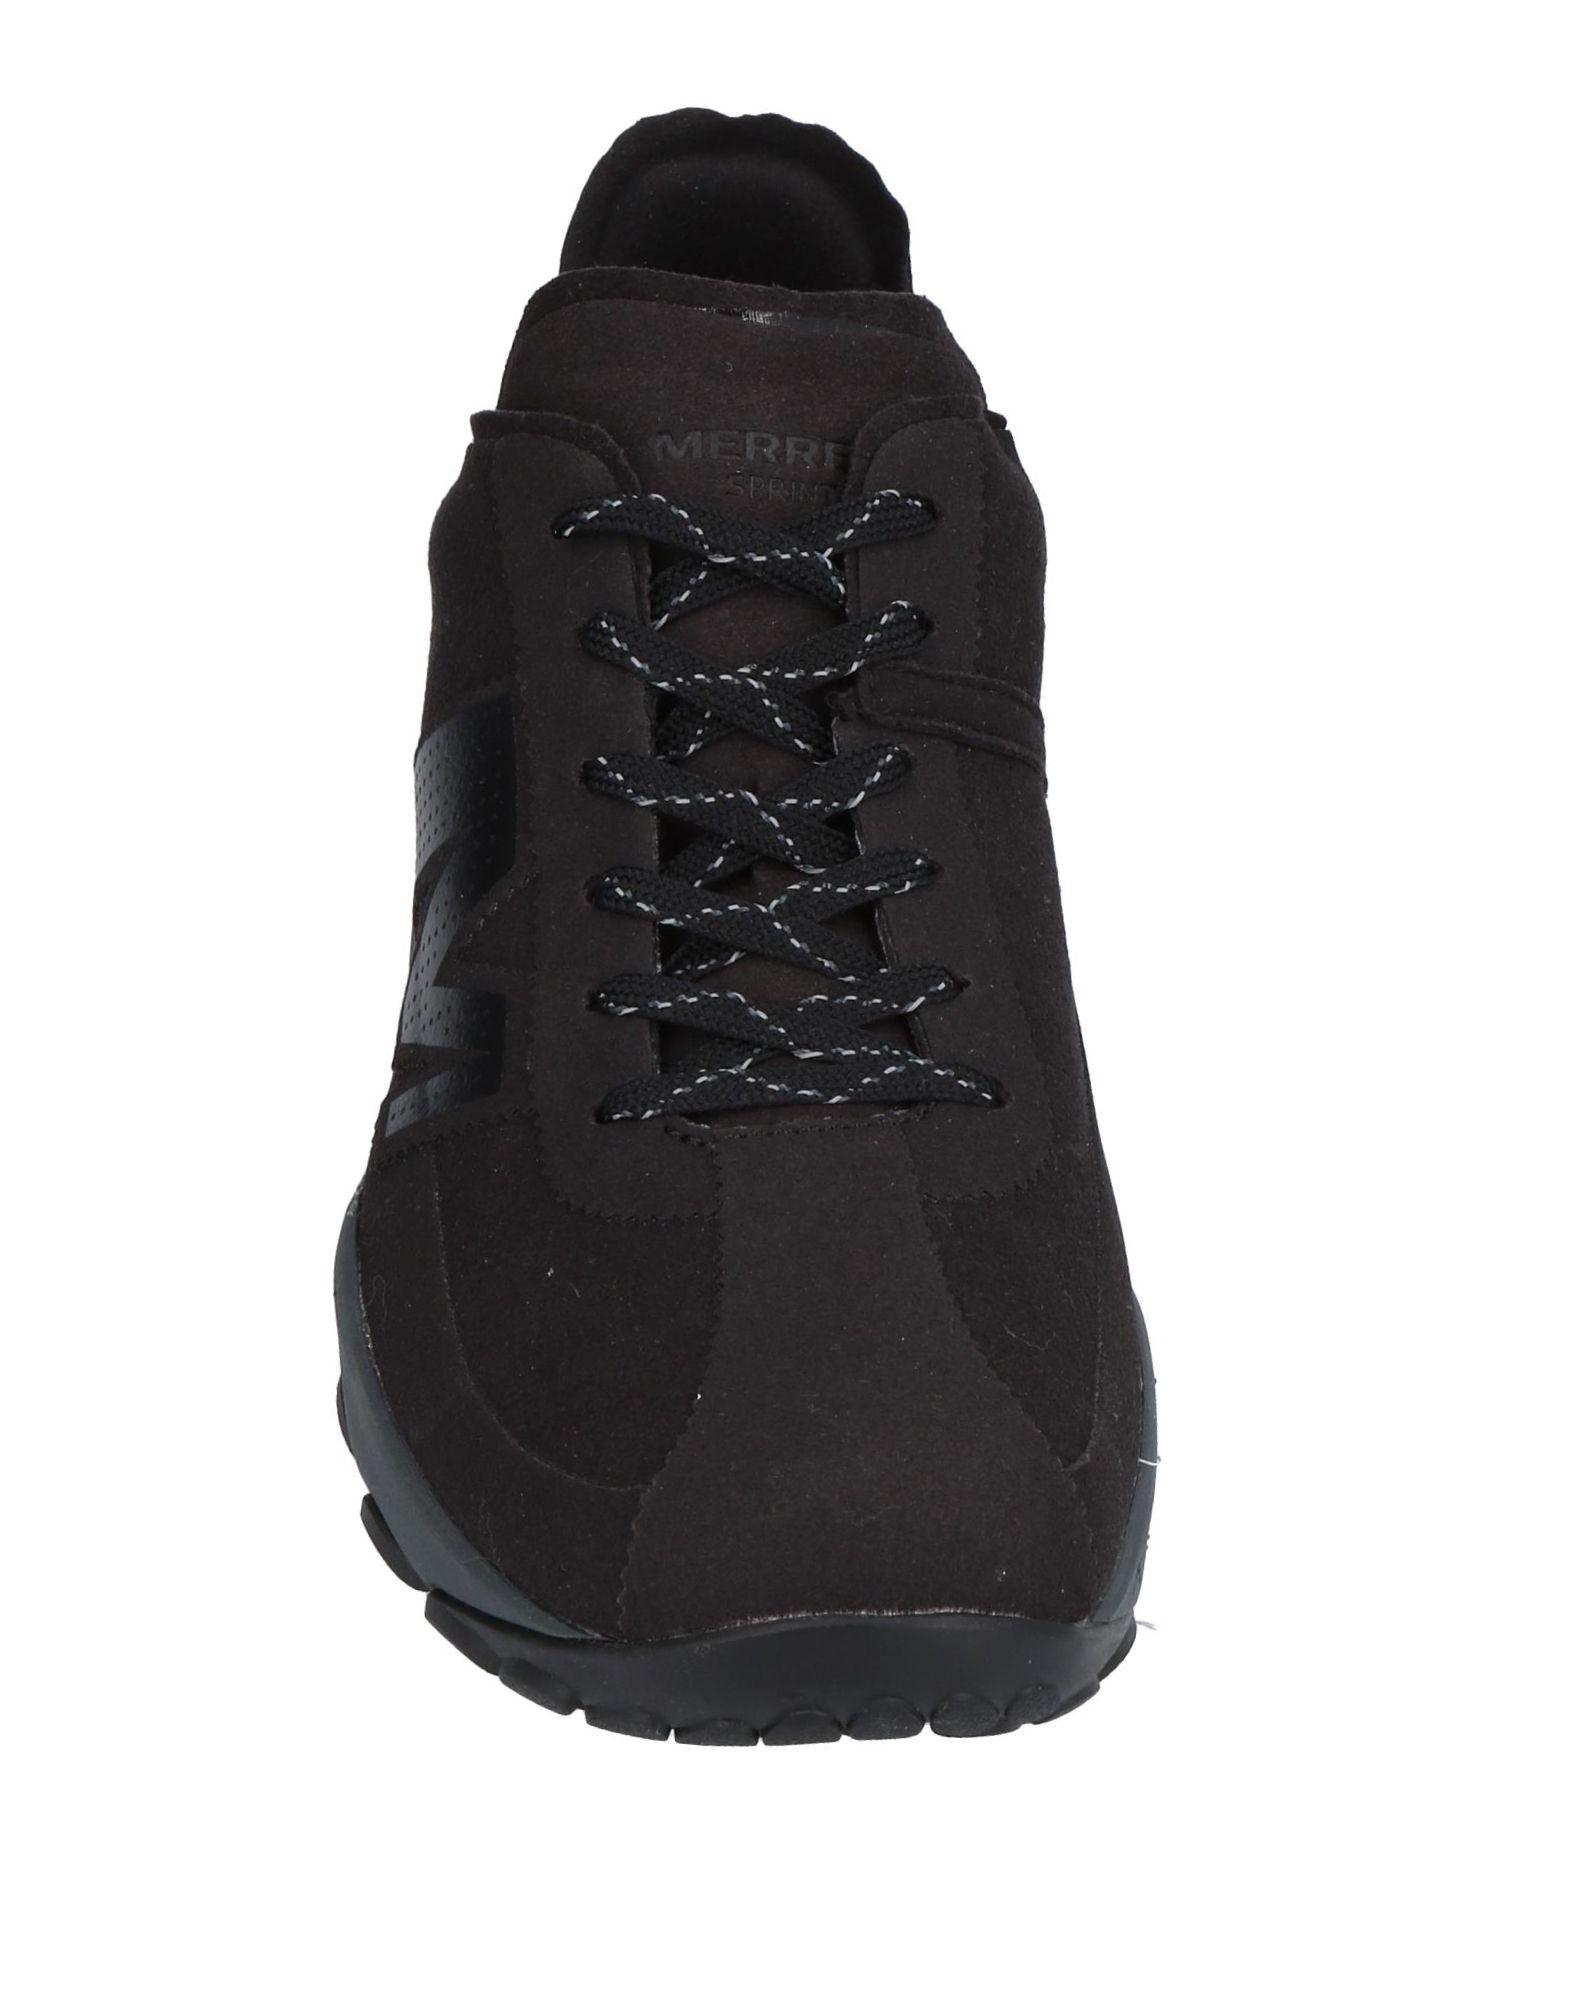 Rabatt Herren echte Schuhe Merrell Sneakers Herren Rabatt  11459160PM 386915